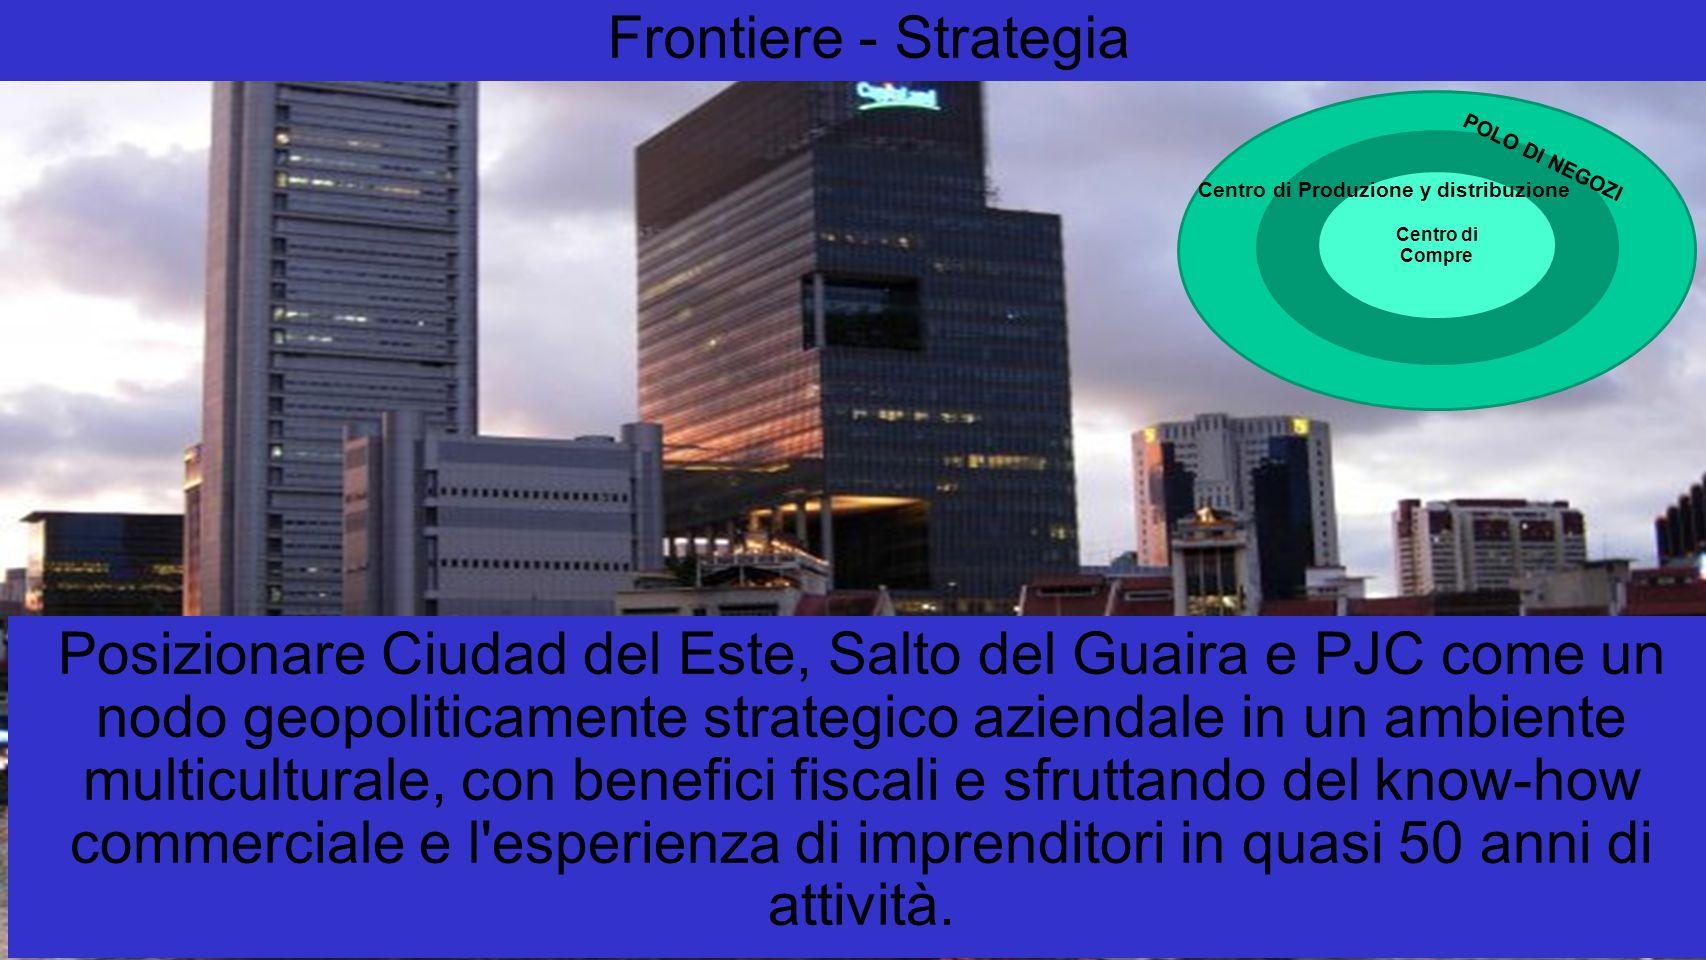 Frontiere - Strategia Posizionare Ciudad del Este, Salto del Guaira e PJC come un nodo geopoliticamente strategico aziendale in un ambiente multicultu